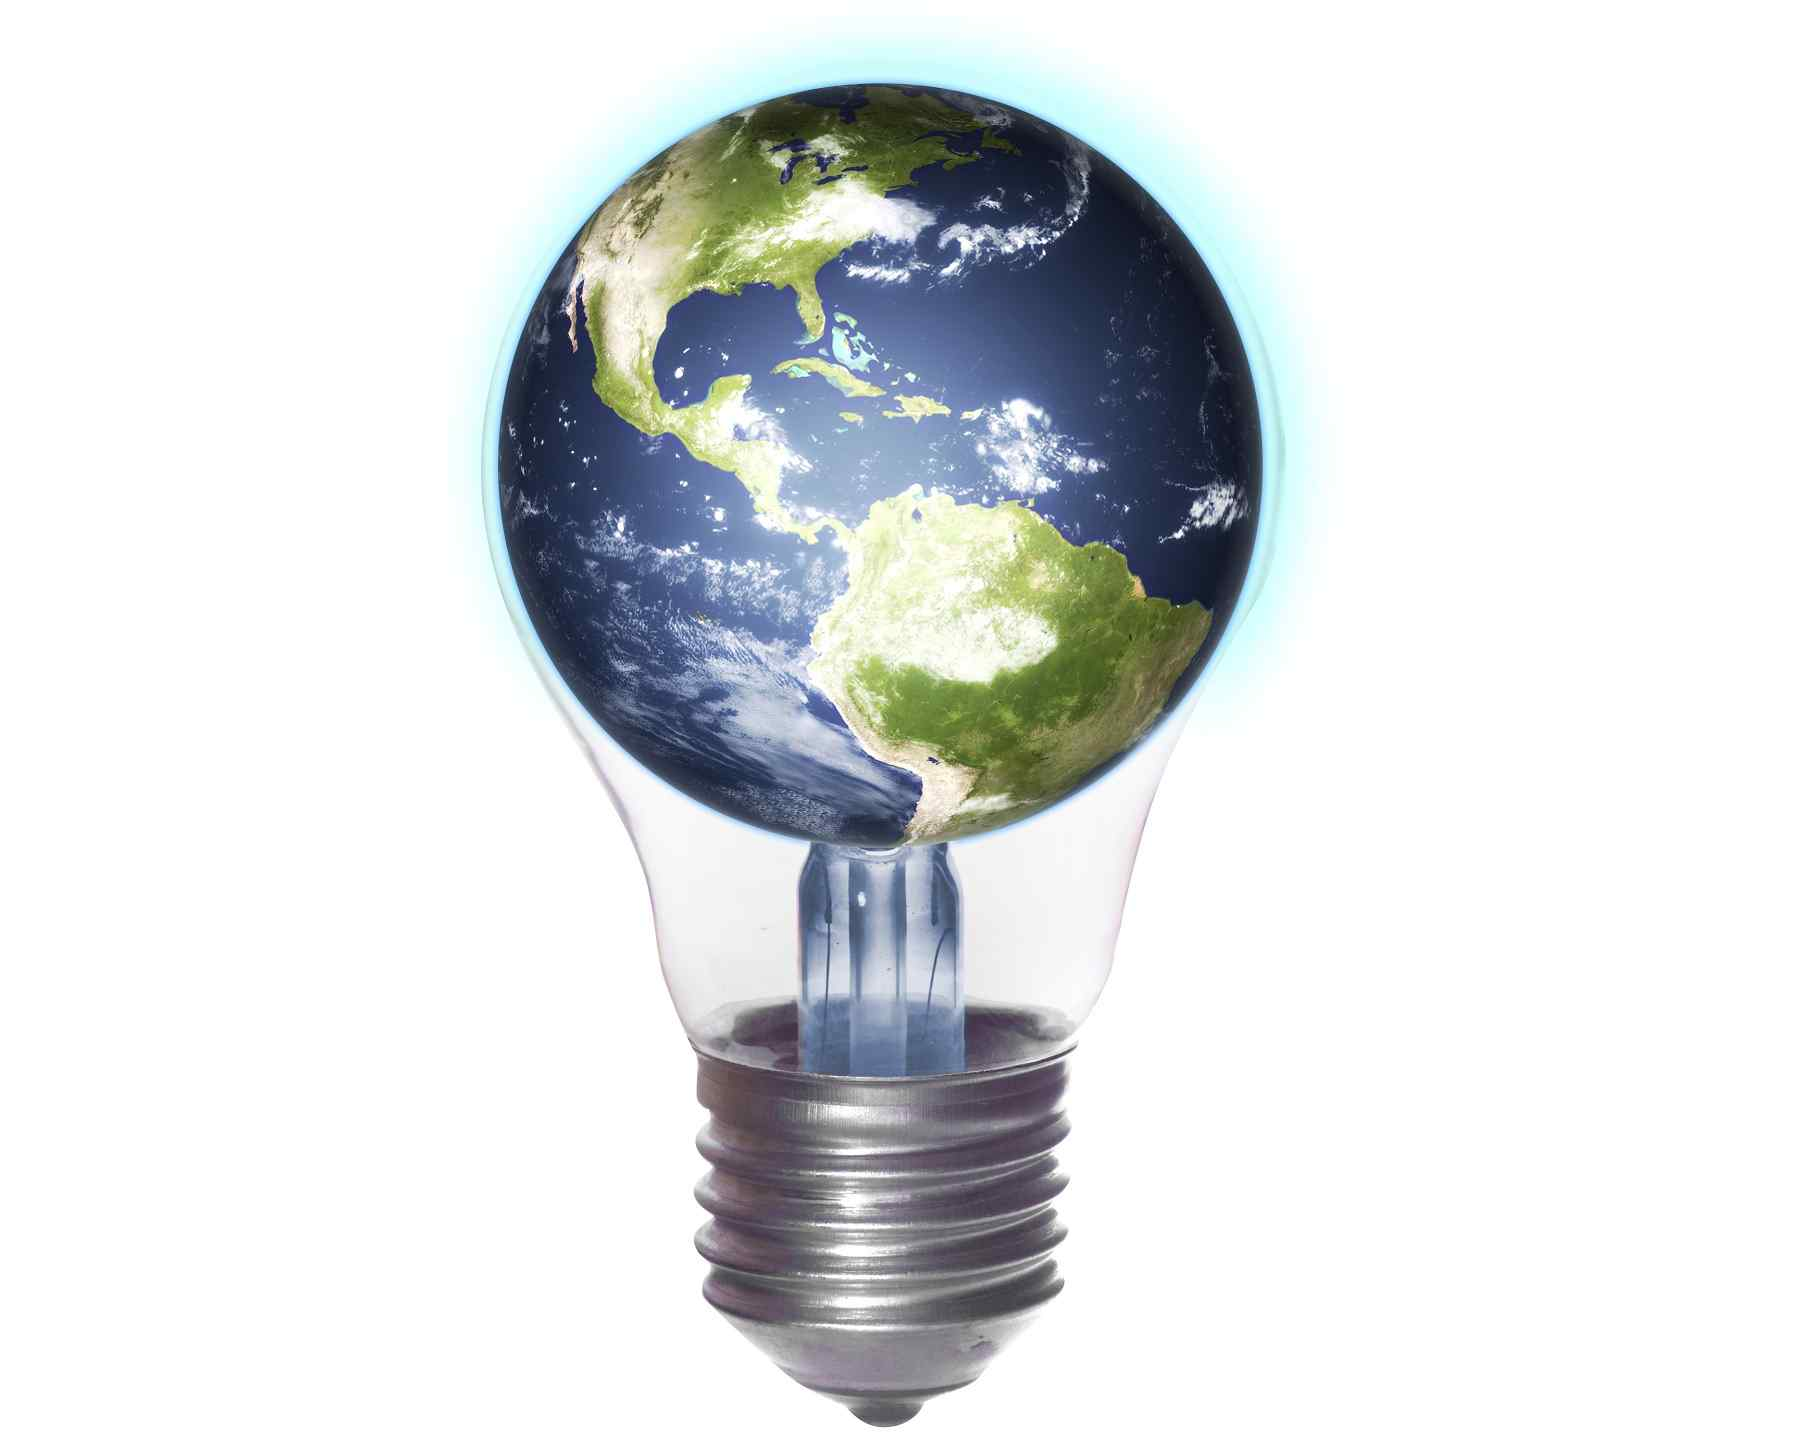 Aglomeracje zaadaptują się do zmian klimatycznych